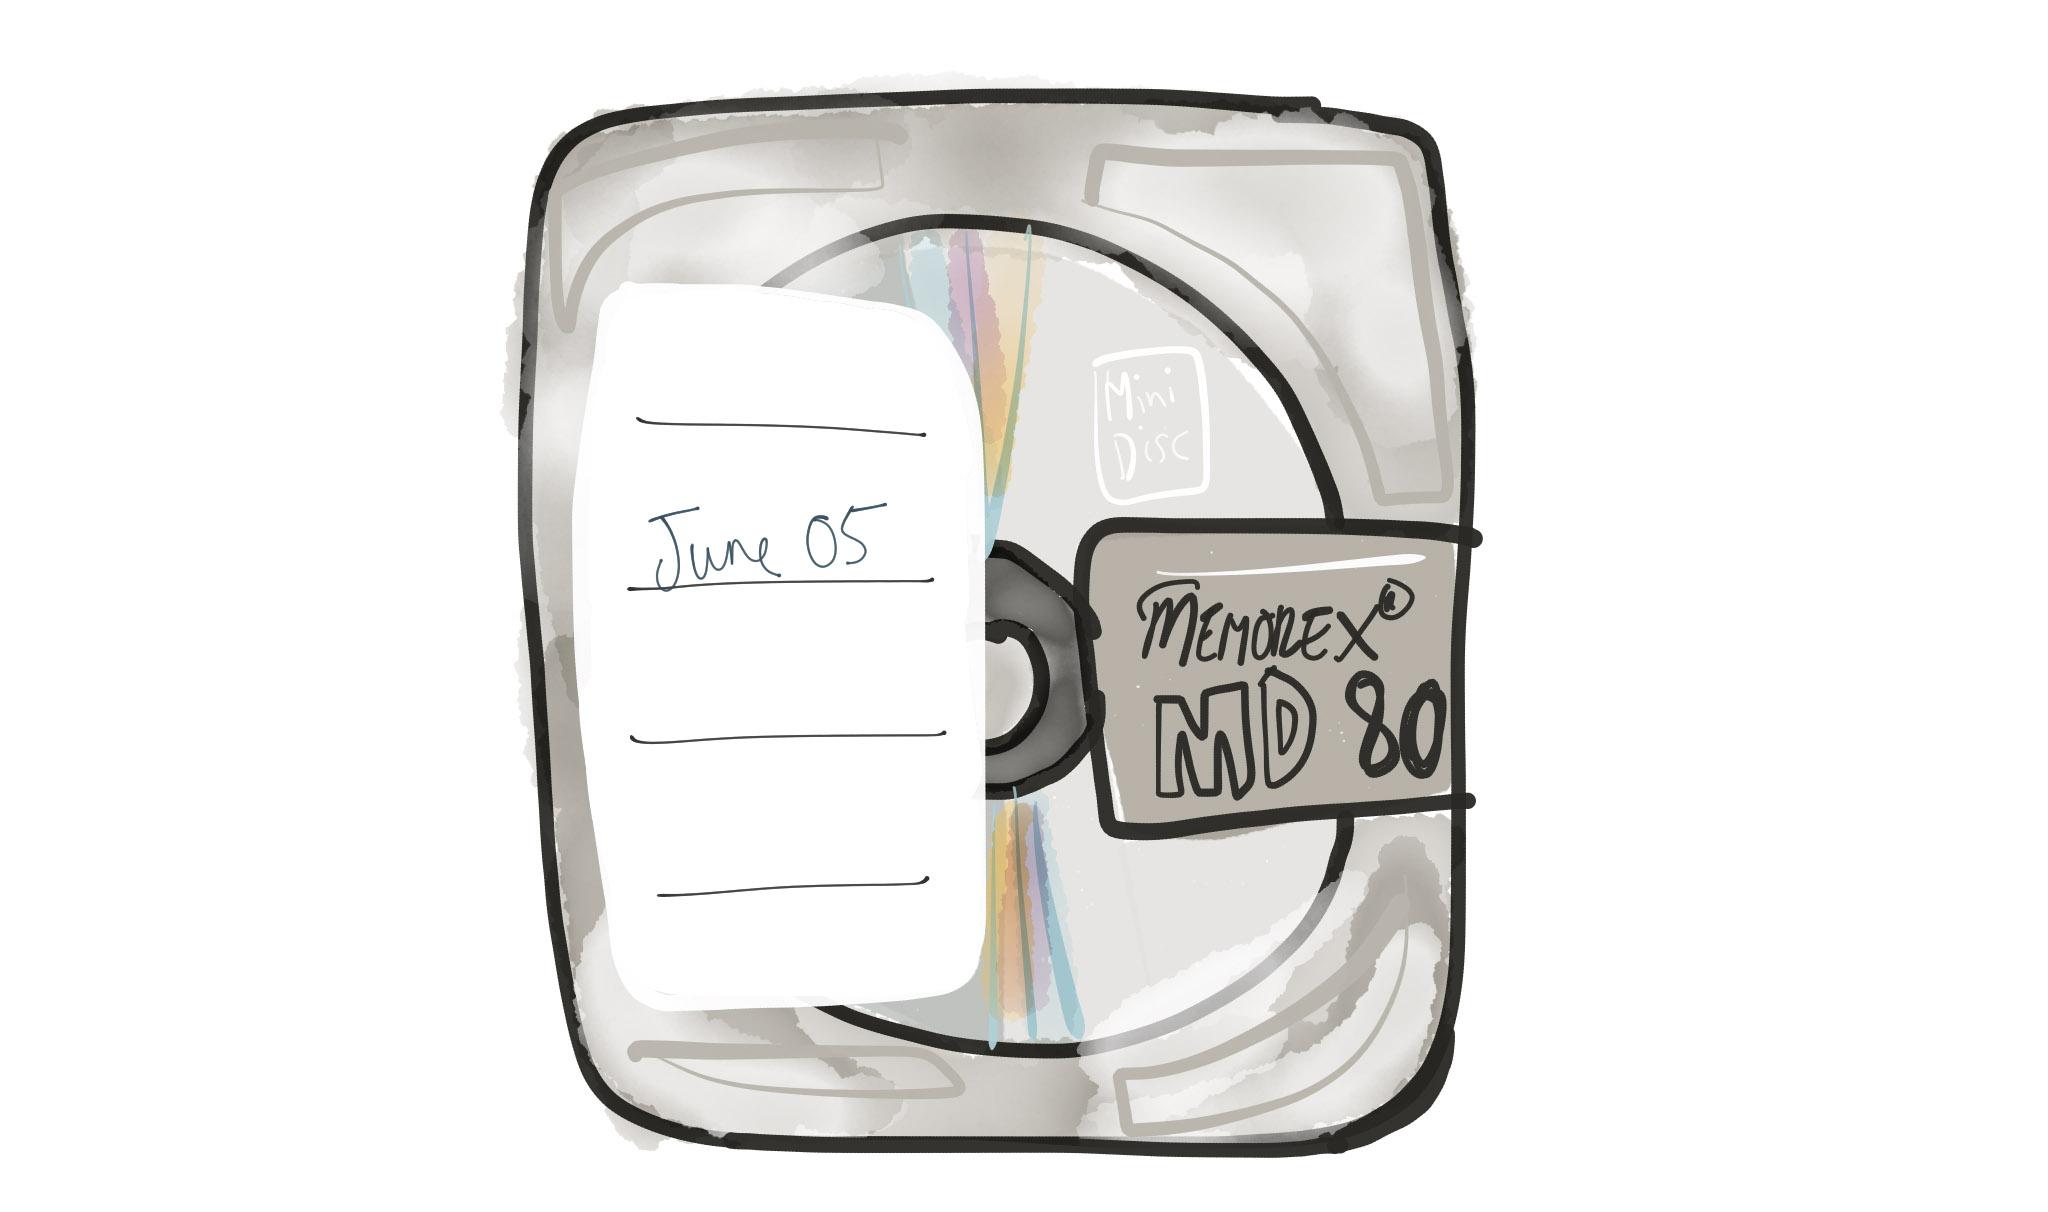 I tried, ok. I've not seen a Minidisc in 10 years